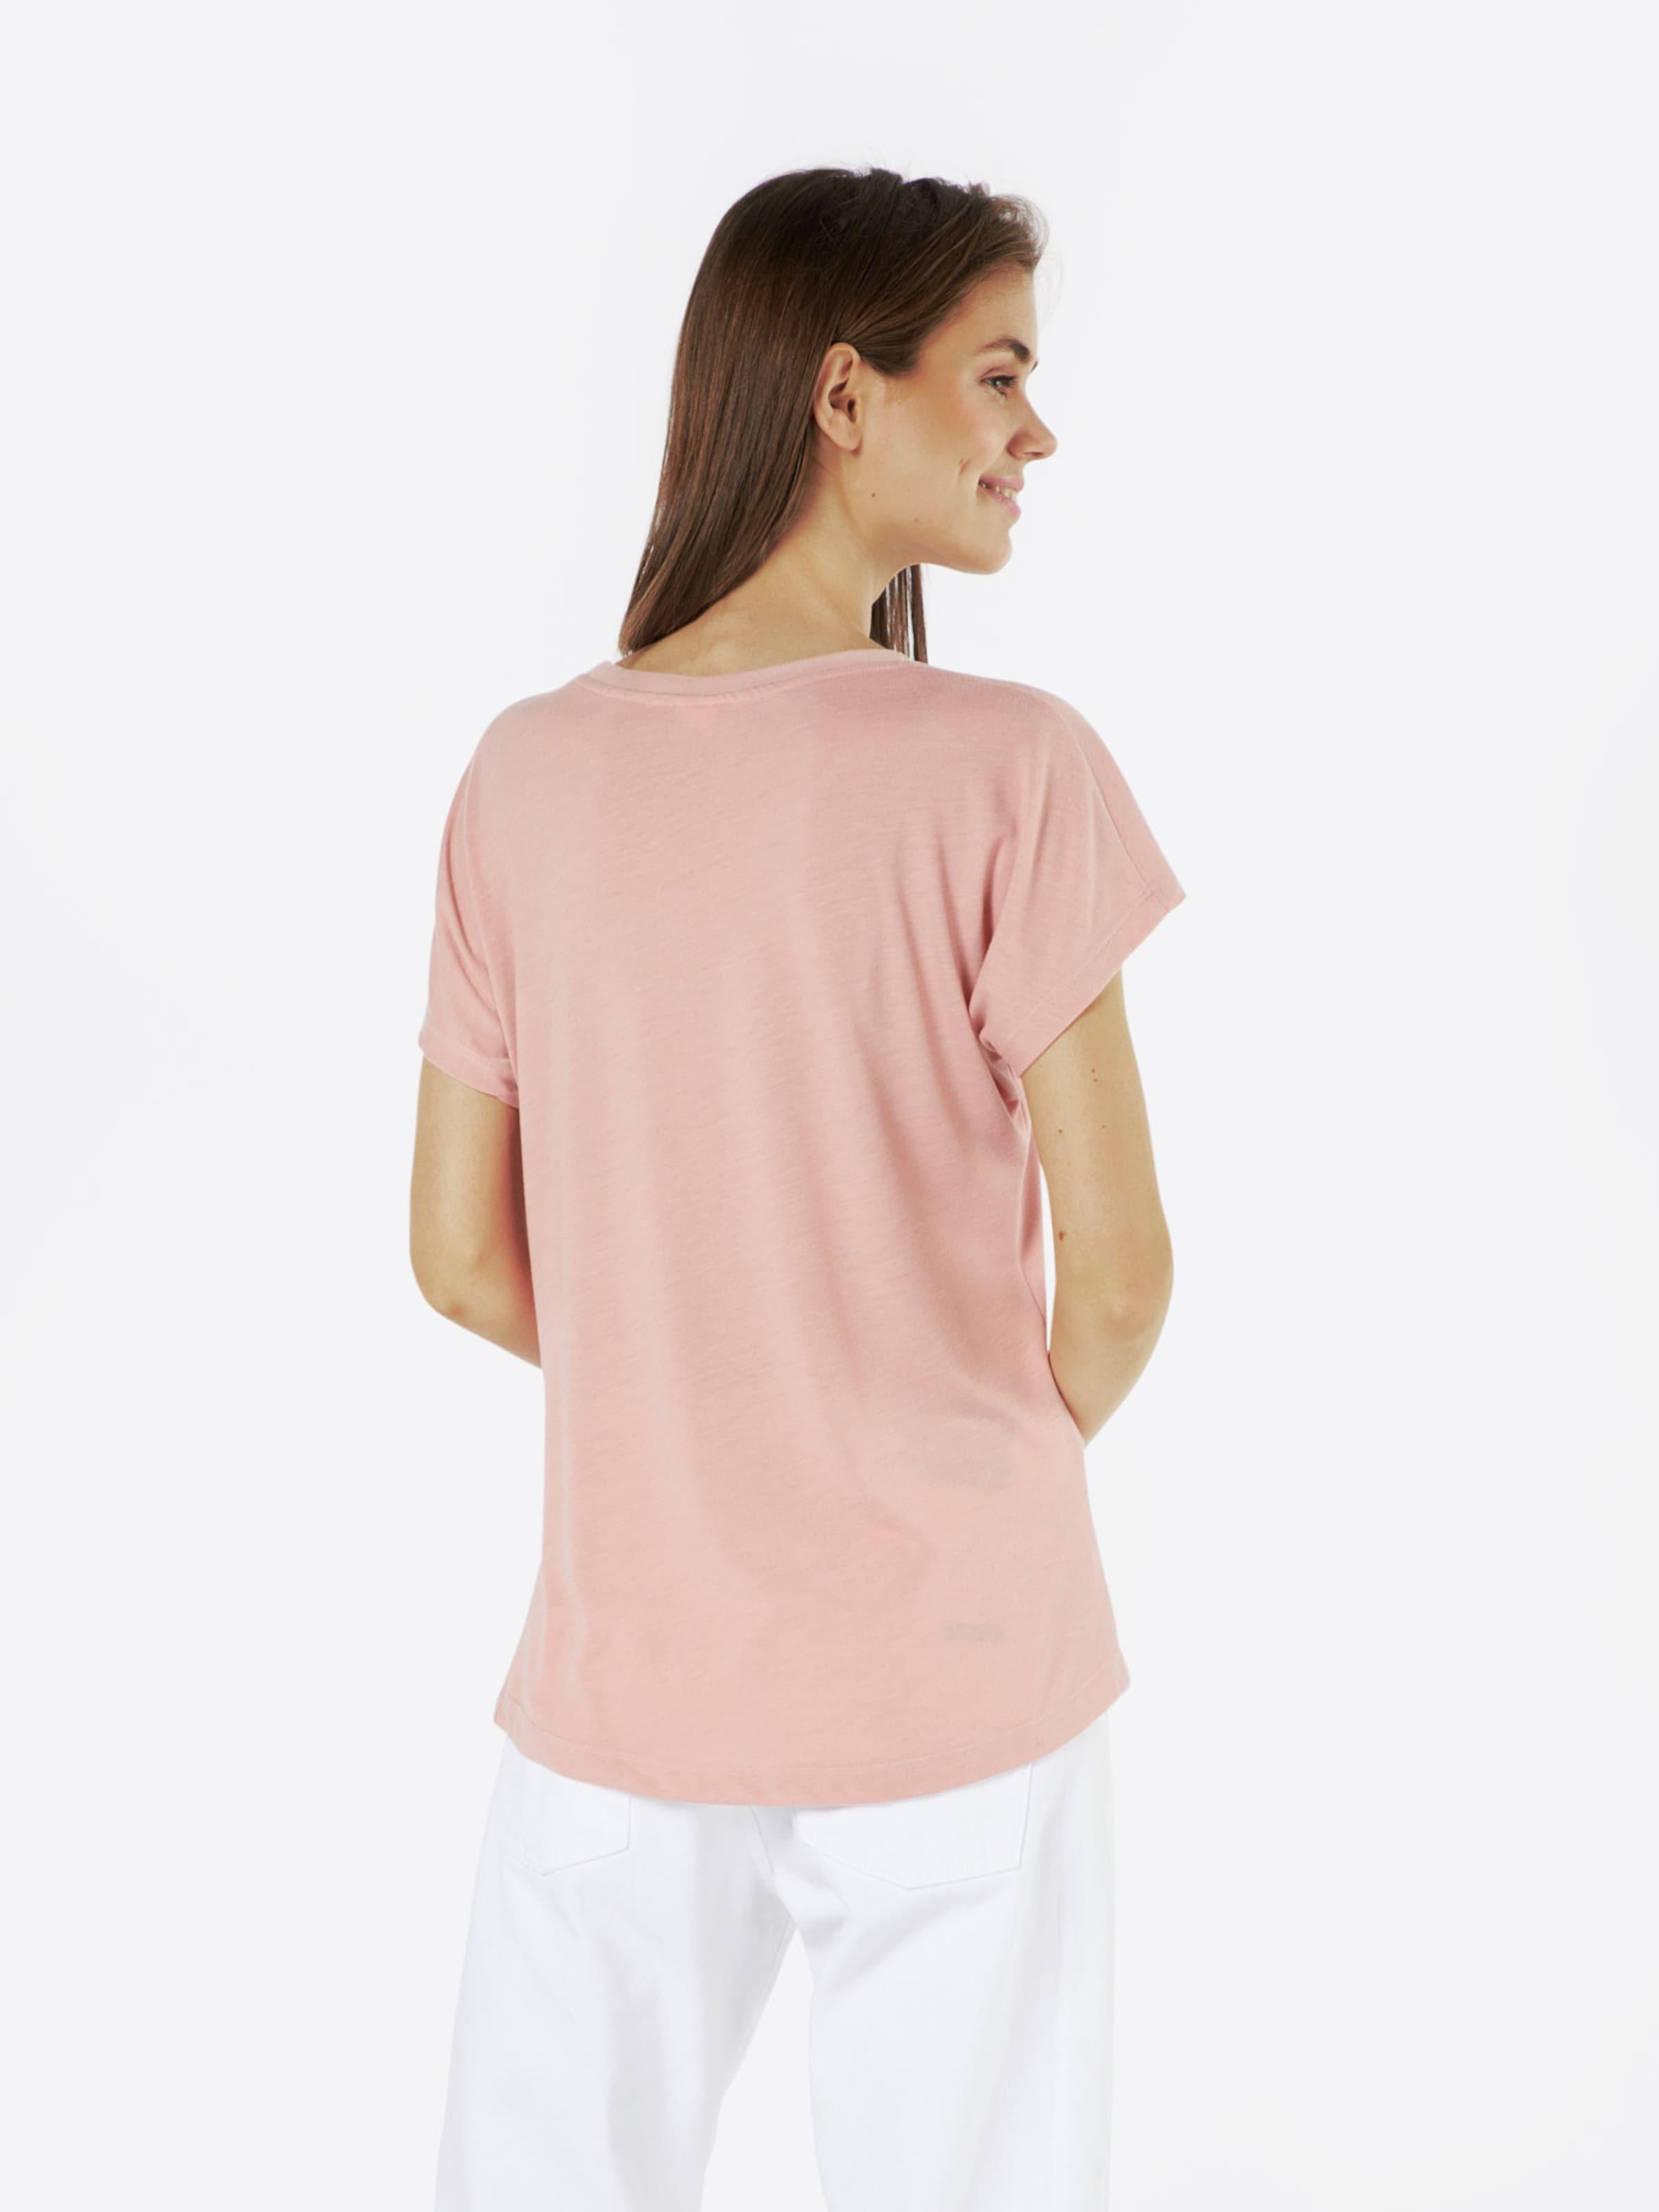 Niedriger Versandverkauf Online Günstig Kaufen Ebay Ezekiel Shirt G8ppzy